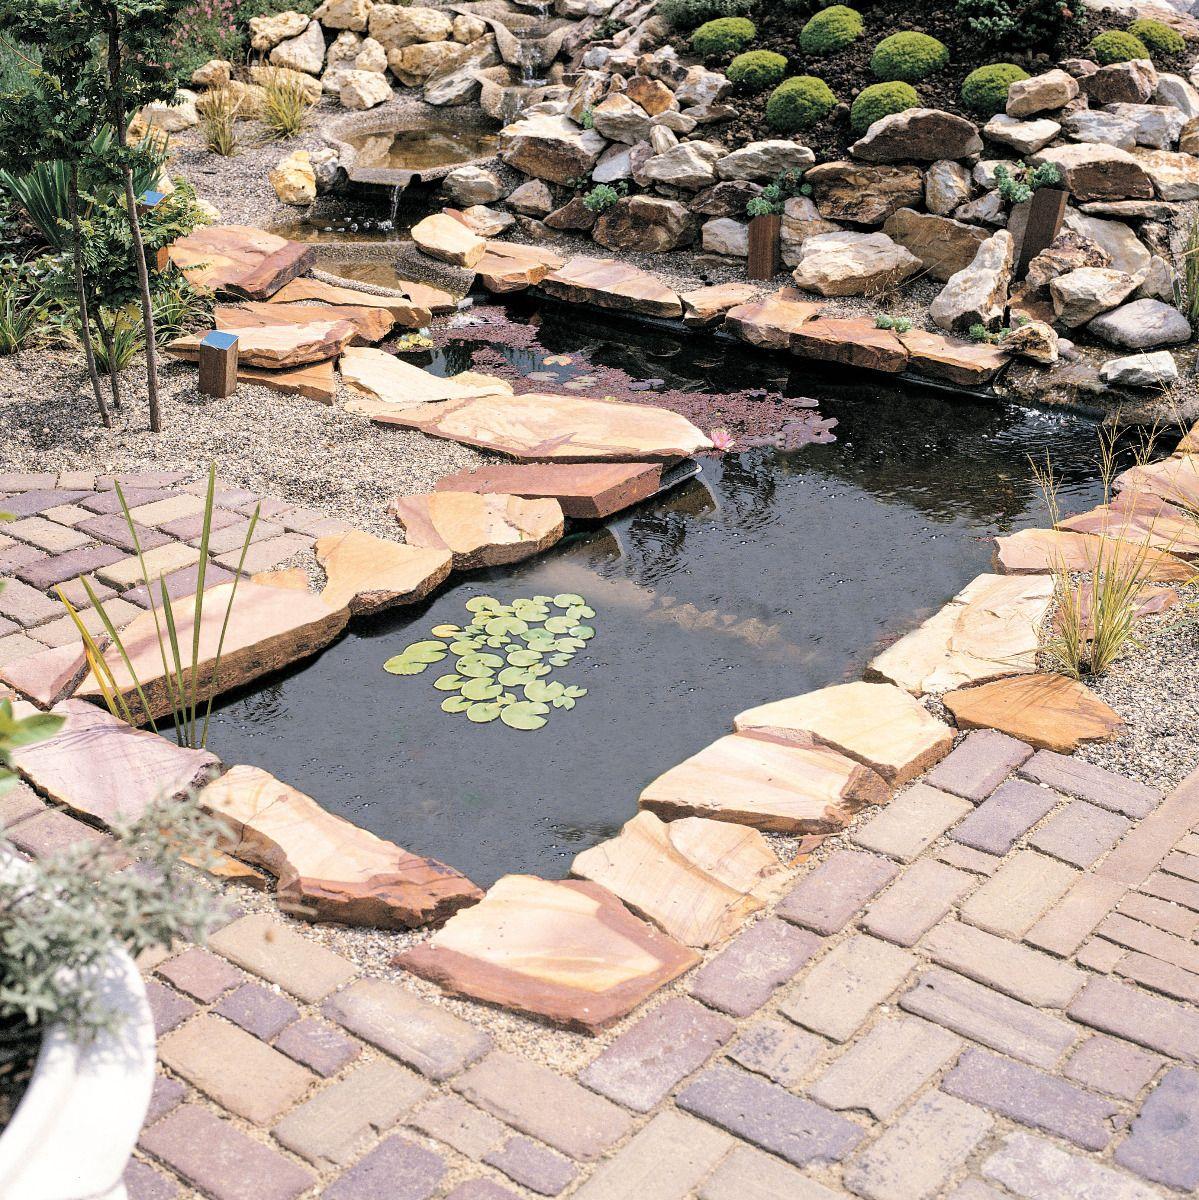 Comment Faire Un Petit Bassin Aquatique comment installer un bassin de jardin préformé ?